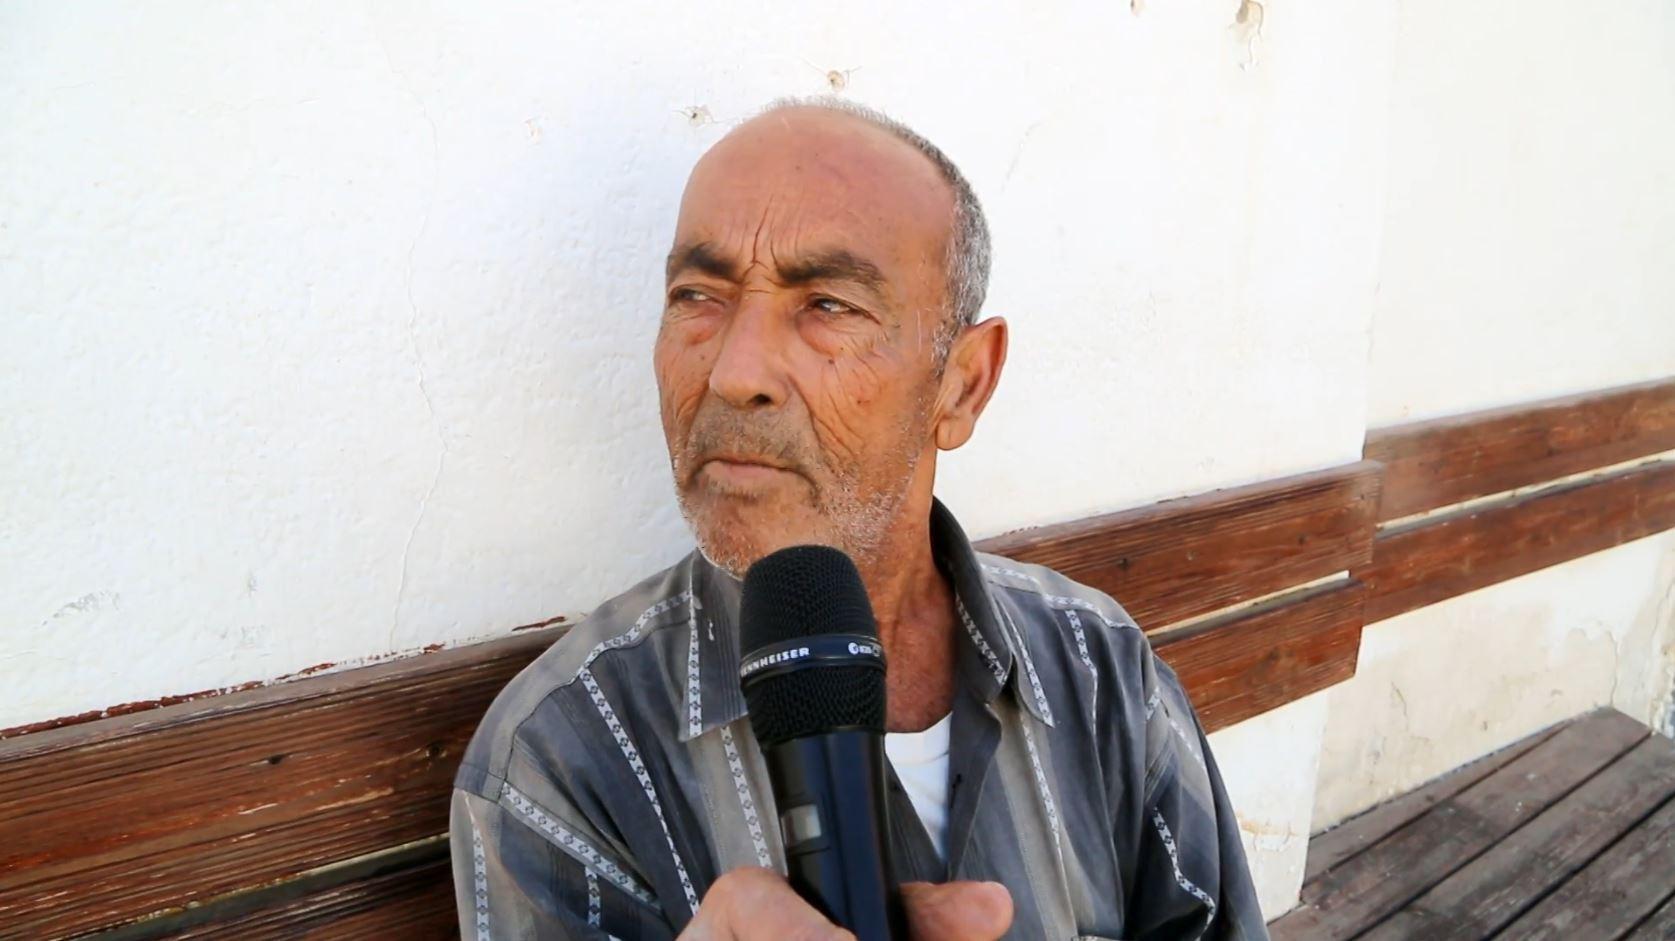 سكان طرابلس قلقون من تصاعد التوتر بين الجيش الوطني الليبي وحكومة الوفاق الوطني!